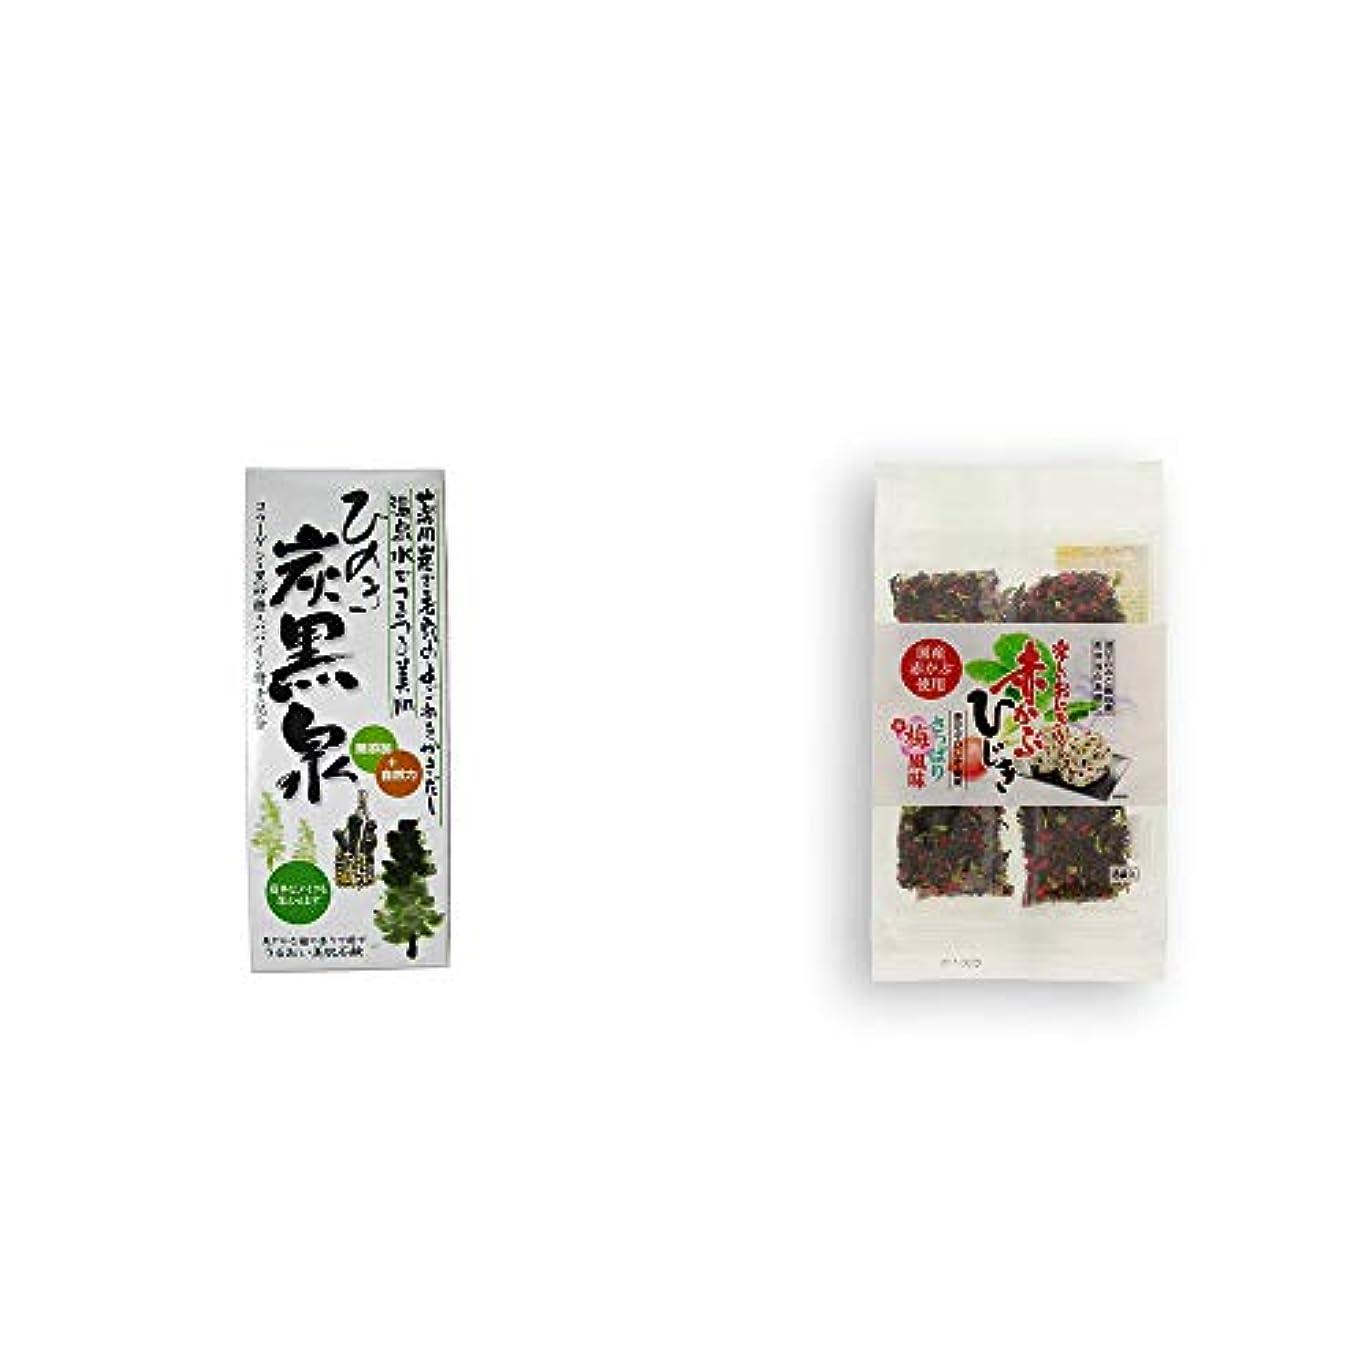 工業化する段階絶対の[2点セット] ひのき炭黒泉 箱入り(75g×3)?楽しいおにぎり 赤かぶひじき(8g×8袋)